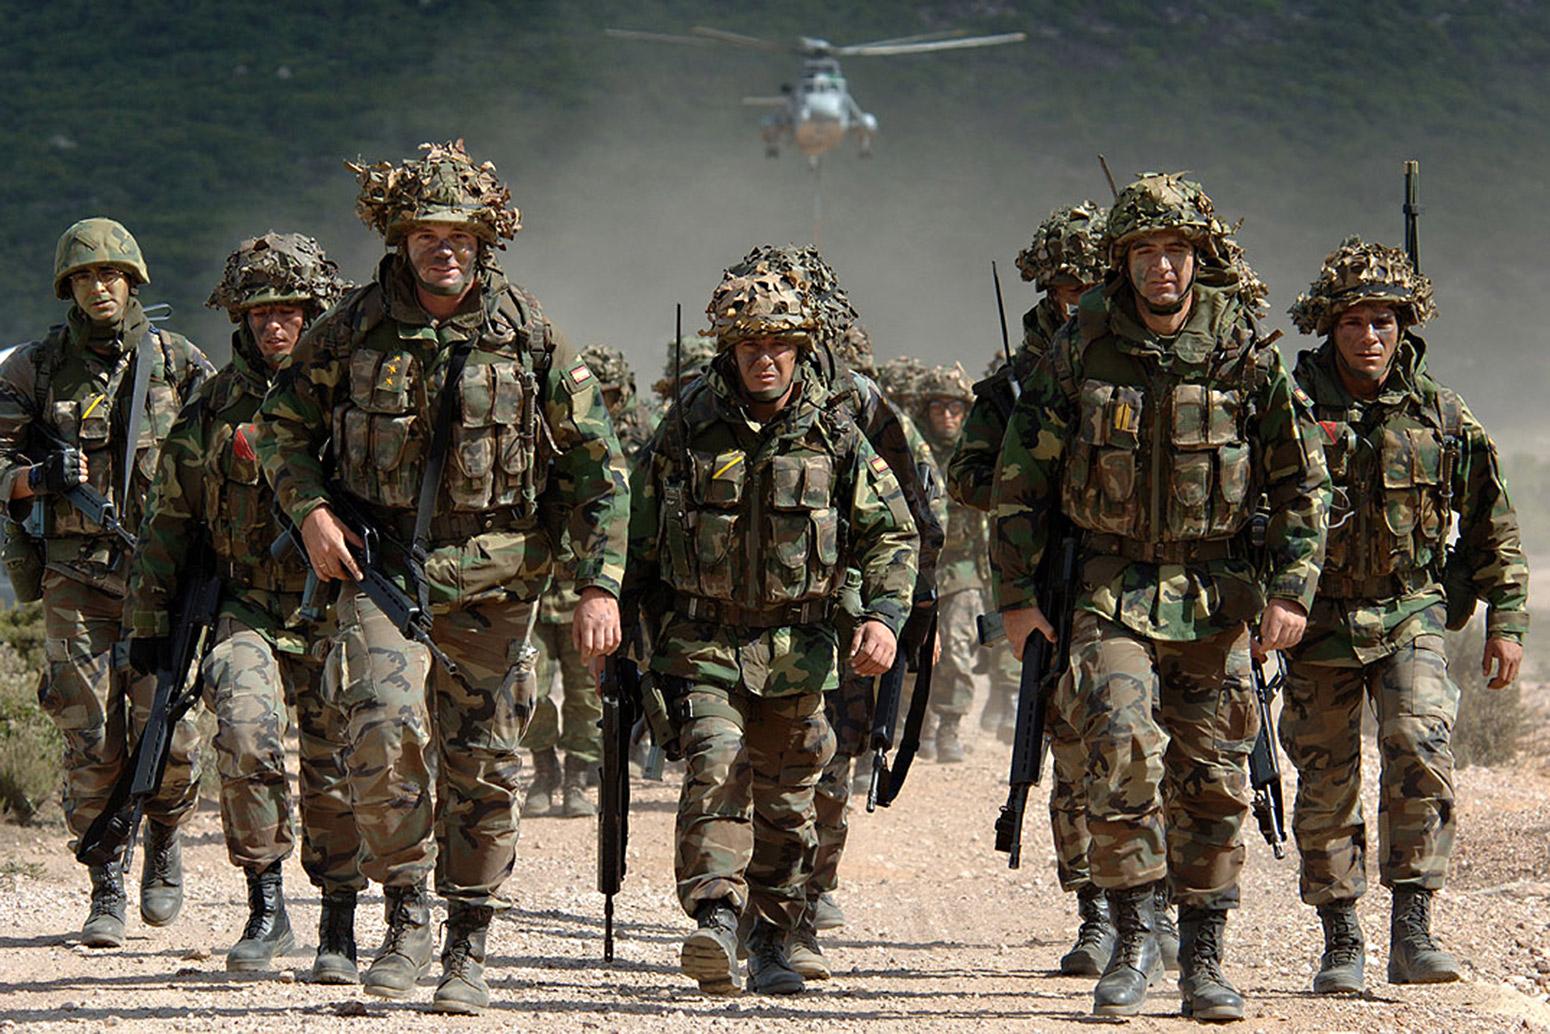 Униформа стран нато фото